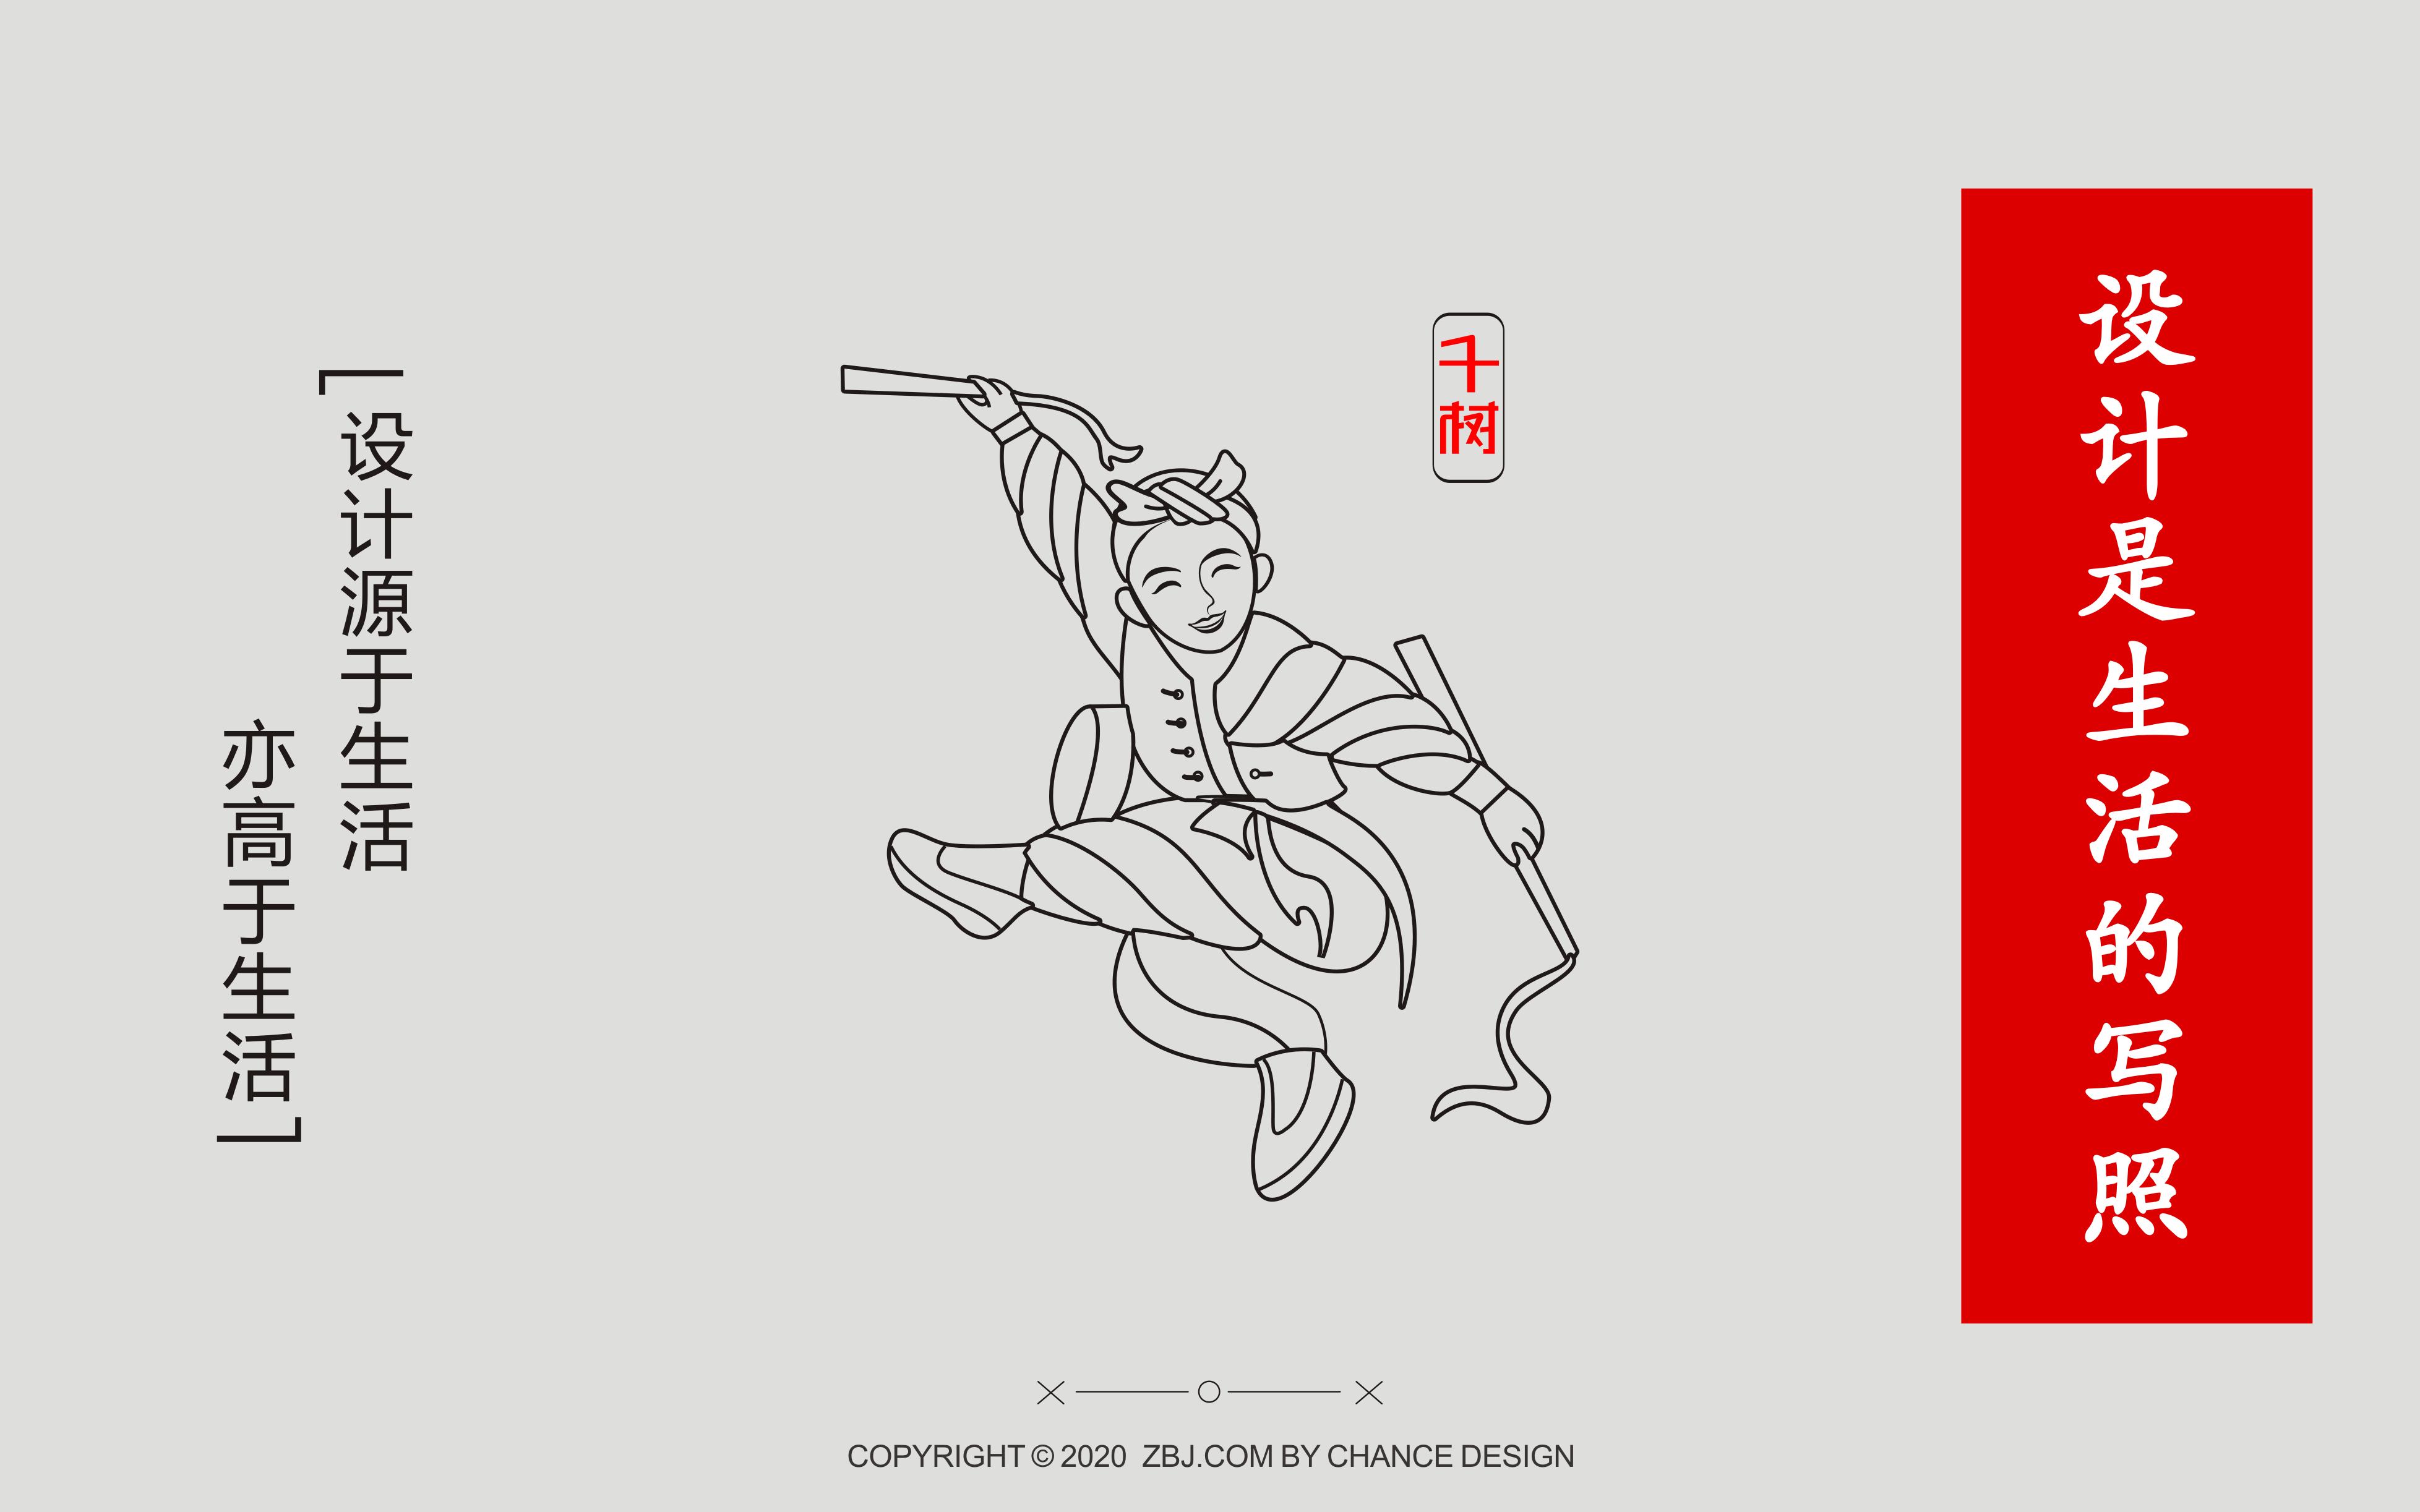 千树logo设计商标起名注册VI包装画册卡通形象公司品牌设计